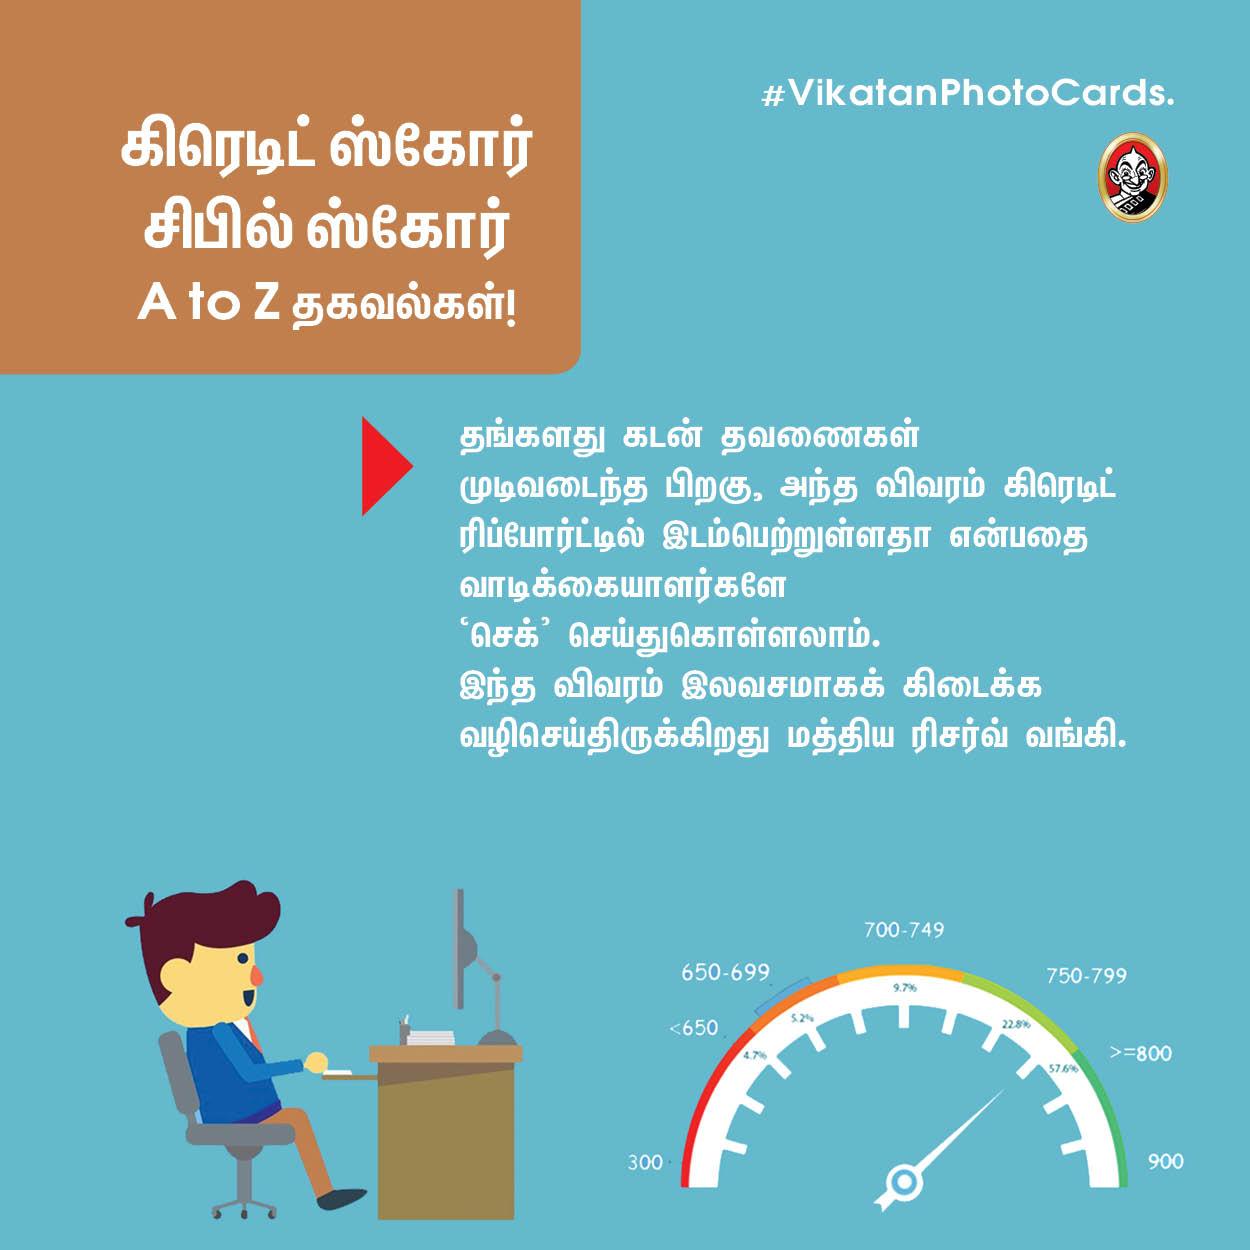 க்ரெடிட் ஸ்கோர், சிபில் ஸ்கோர் - A to Z தகவல்கள்! #VikatanPhotoCards